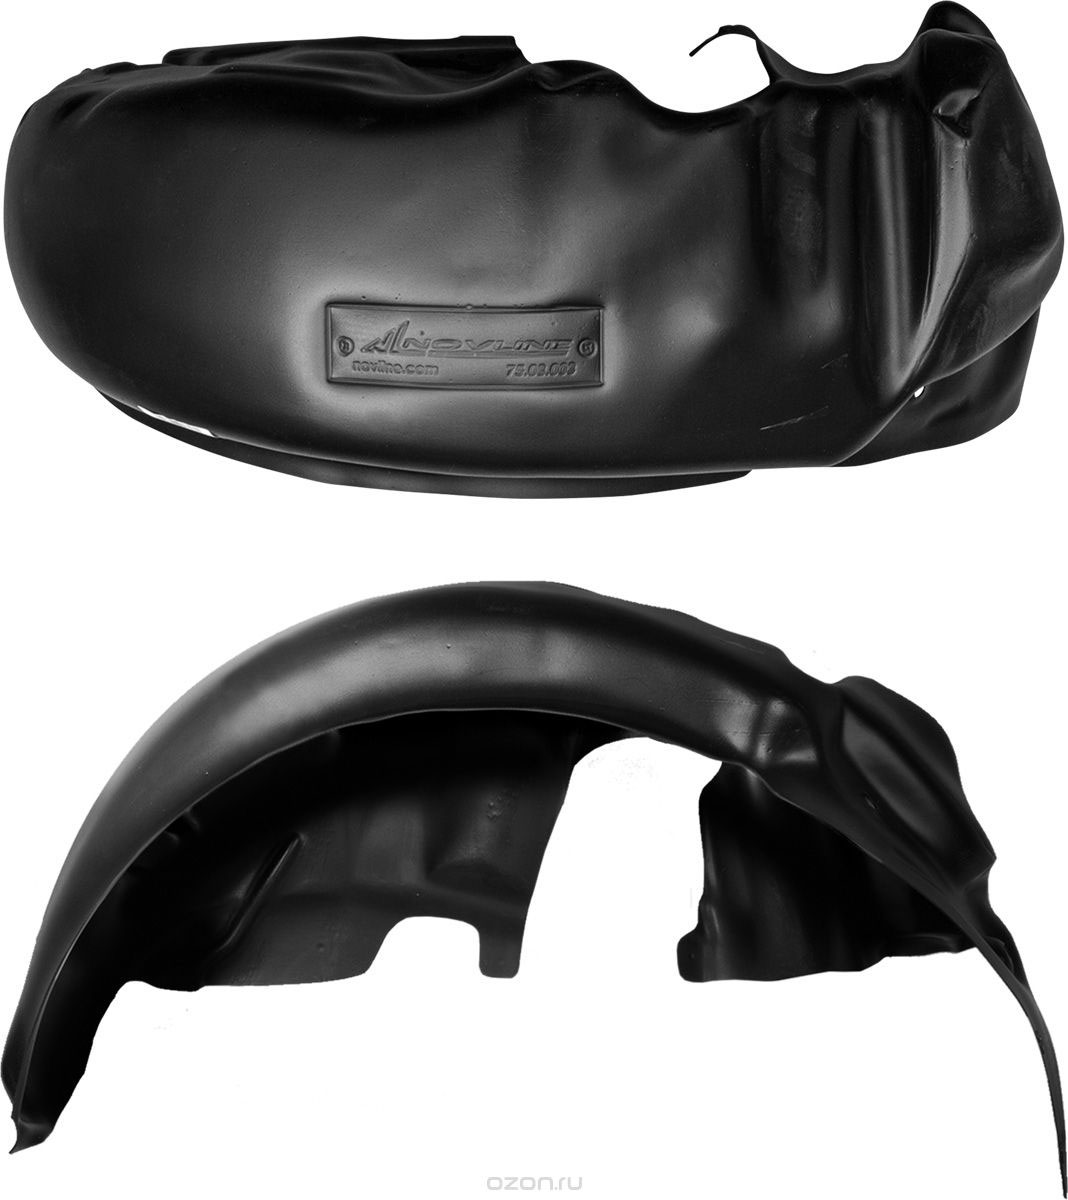 Подкрылок Novline-Autofamily, для HYUNDAI i30 2007-2011, передний правыйDW90Идеальная защита колесной ниши. Локеры разработаны с применением цифровых технологий, гарантируют максимальную повторяемость поверхности арки. Изделия устанавливаются без нарушения лакокрасочного покрытия автомобиля, каждый подкрылок комплектуется крепежом. Уважаемые клиенты, обращаем ваше внимание, что фотографии на подкрылки универсальные и не отражают реальную форму изделия. При этом само изделие идет точно под размер указанного автомобиля.